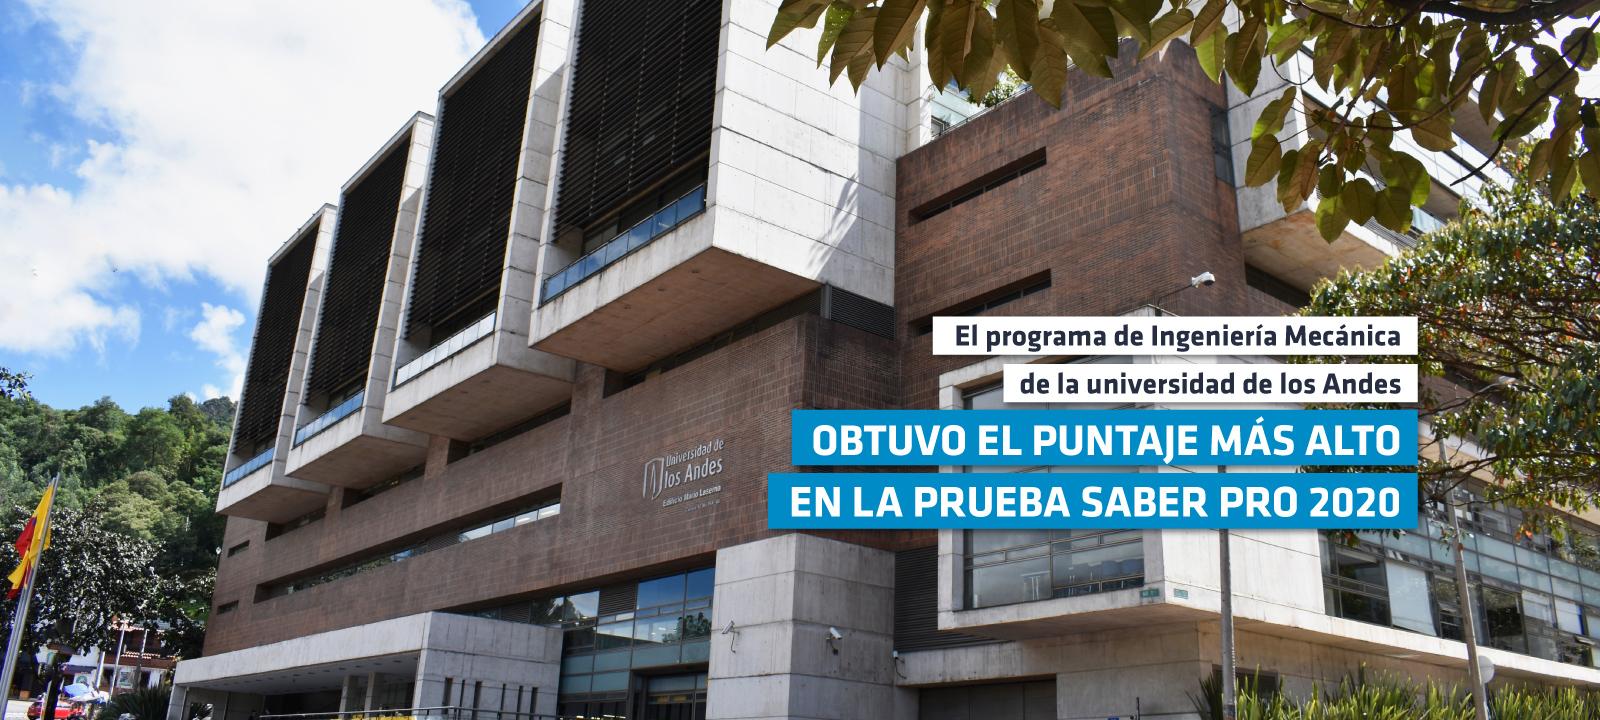 El programa de Ingeniería Mecánica de la Universidad de los Andes obtuvo el puntaje más alto en la prueba saber pro 2020